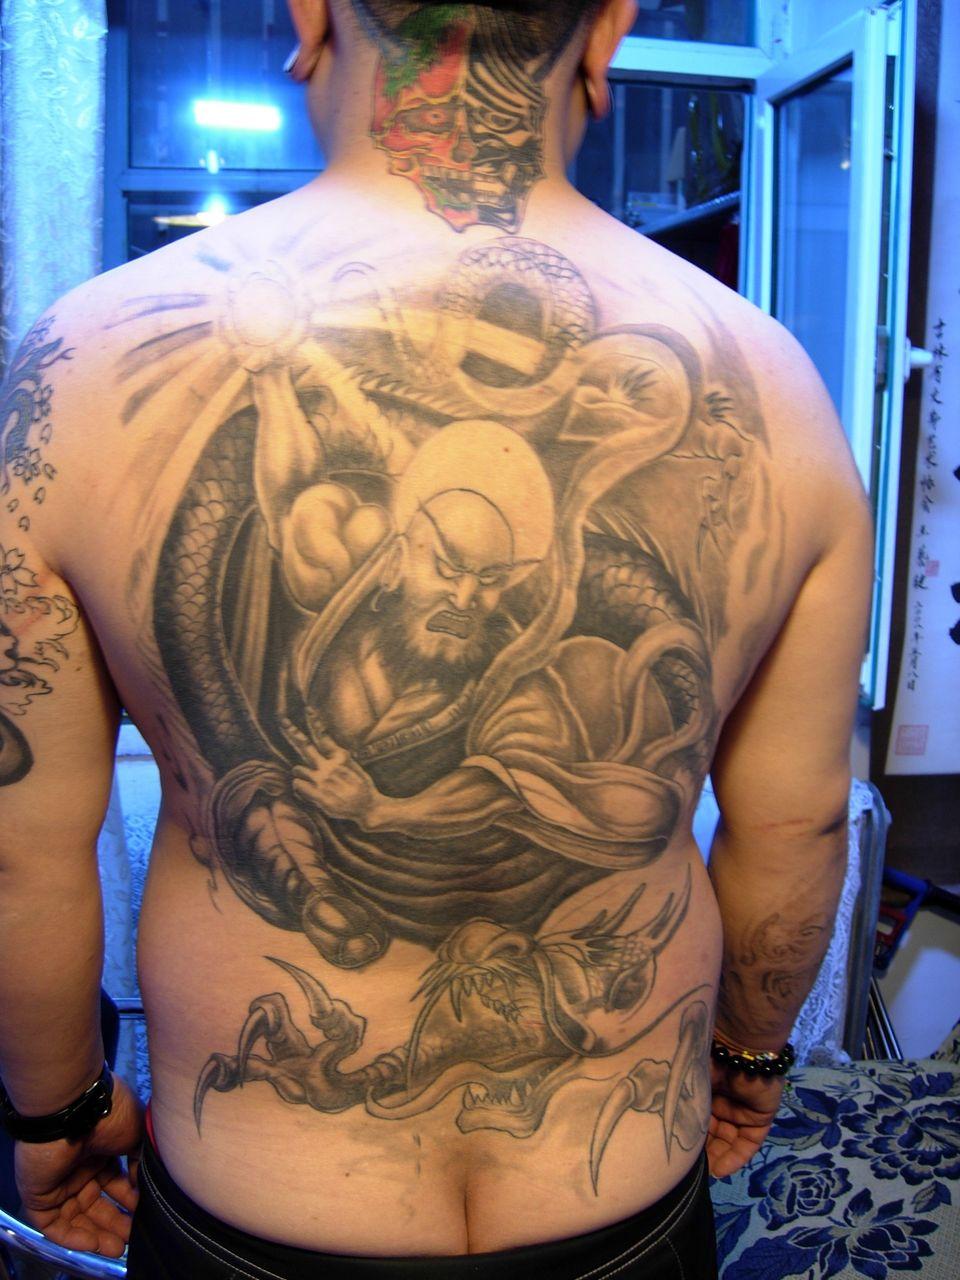 降龙罗汉纹身图案男_降龙罗汉纹身图案男分享展示图片